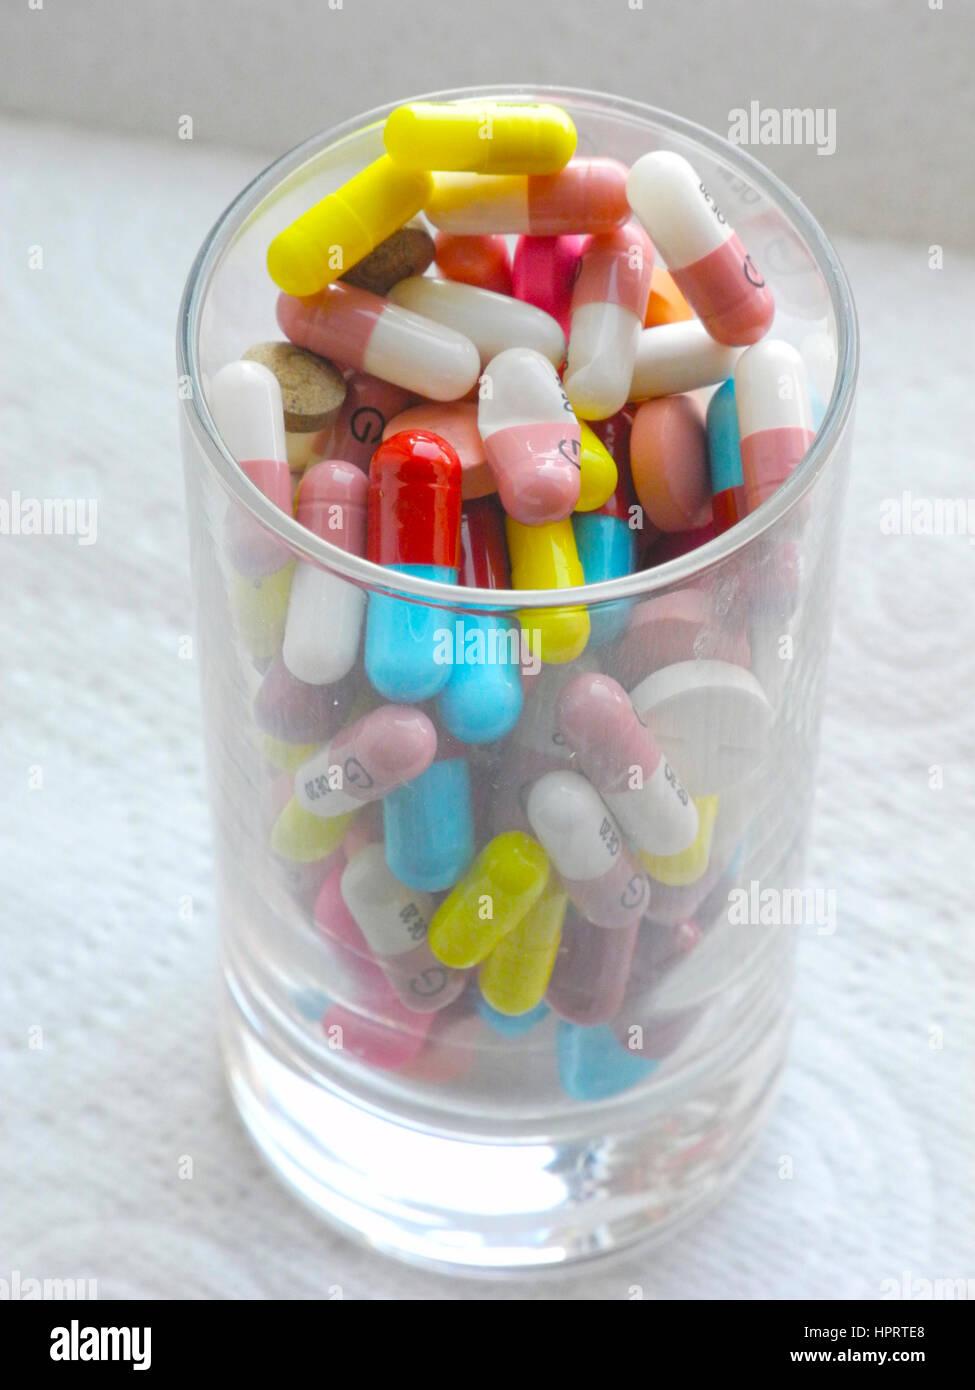 Gibt es eine massive Verschwendung von Ressourcen in die Reihe von verschreibungspflichtigen Medikamenten Tabletten Stockbild